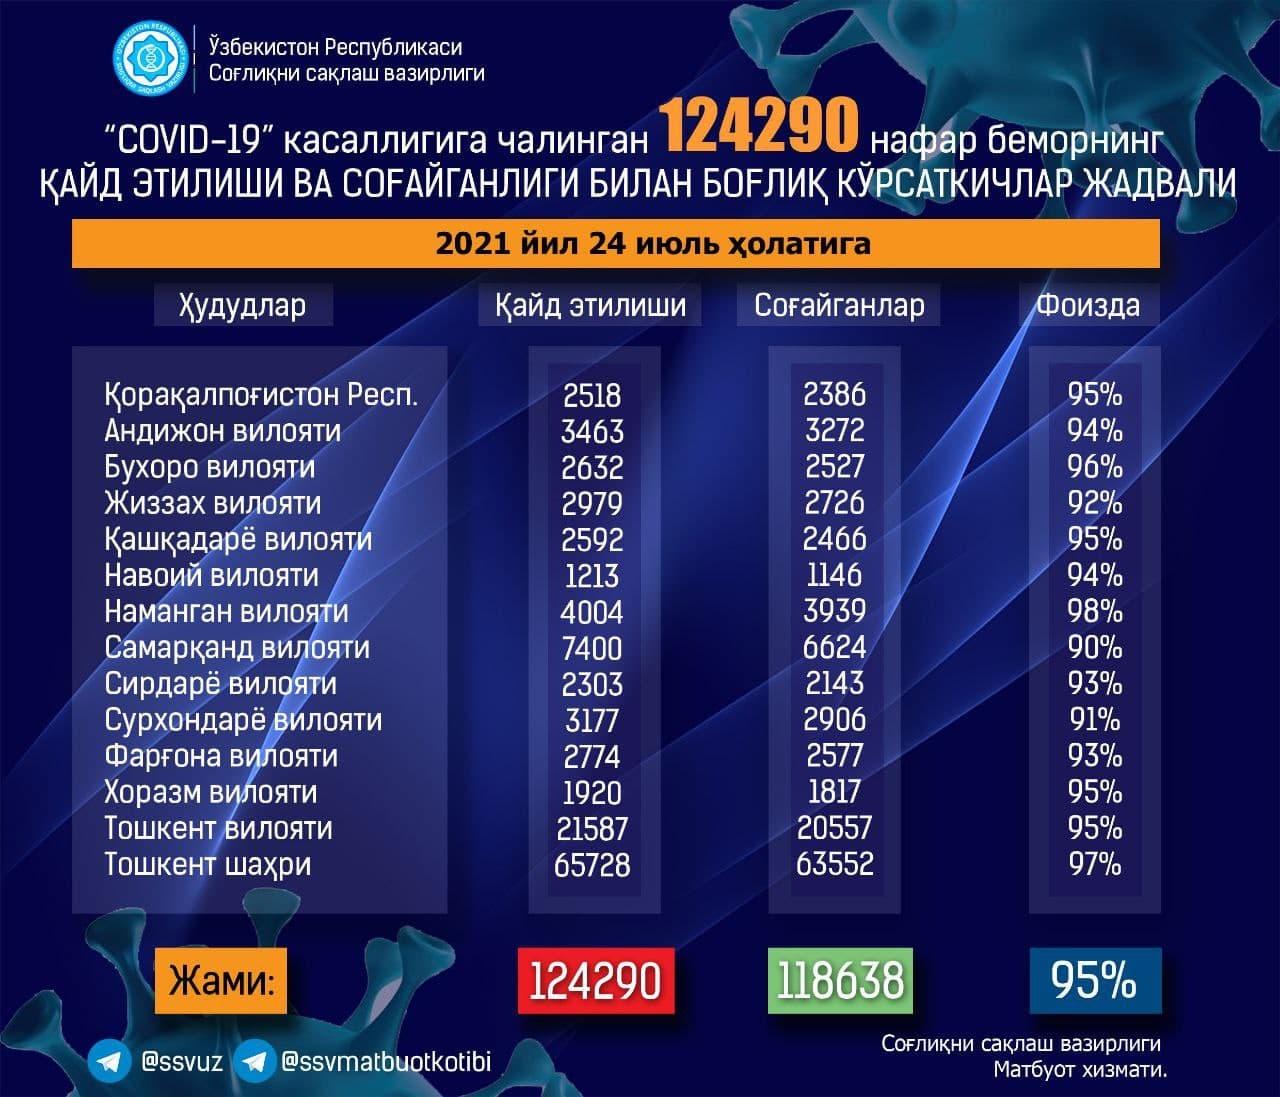 Небольшой спад: за сутки более семисот человек заразились коронавирусом по всей республике — статистика